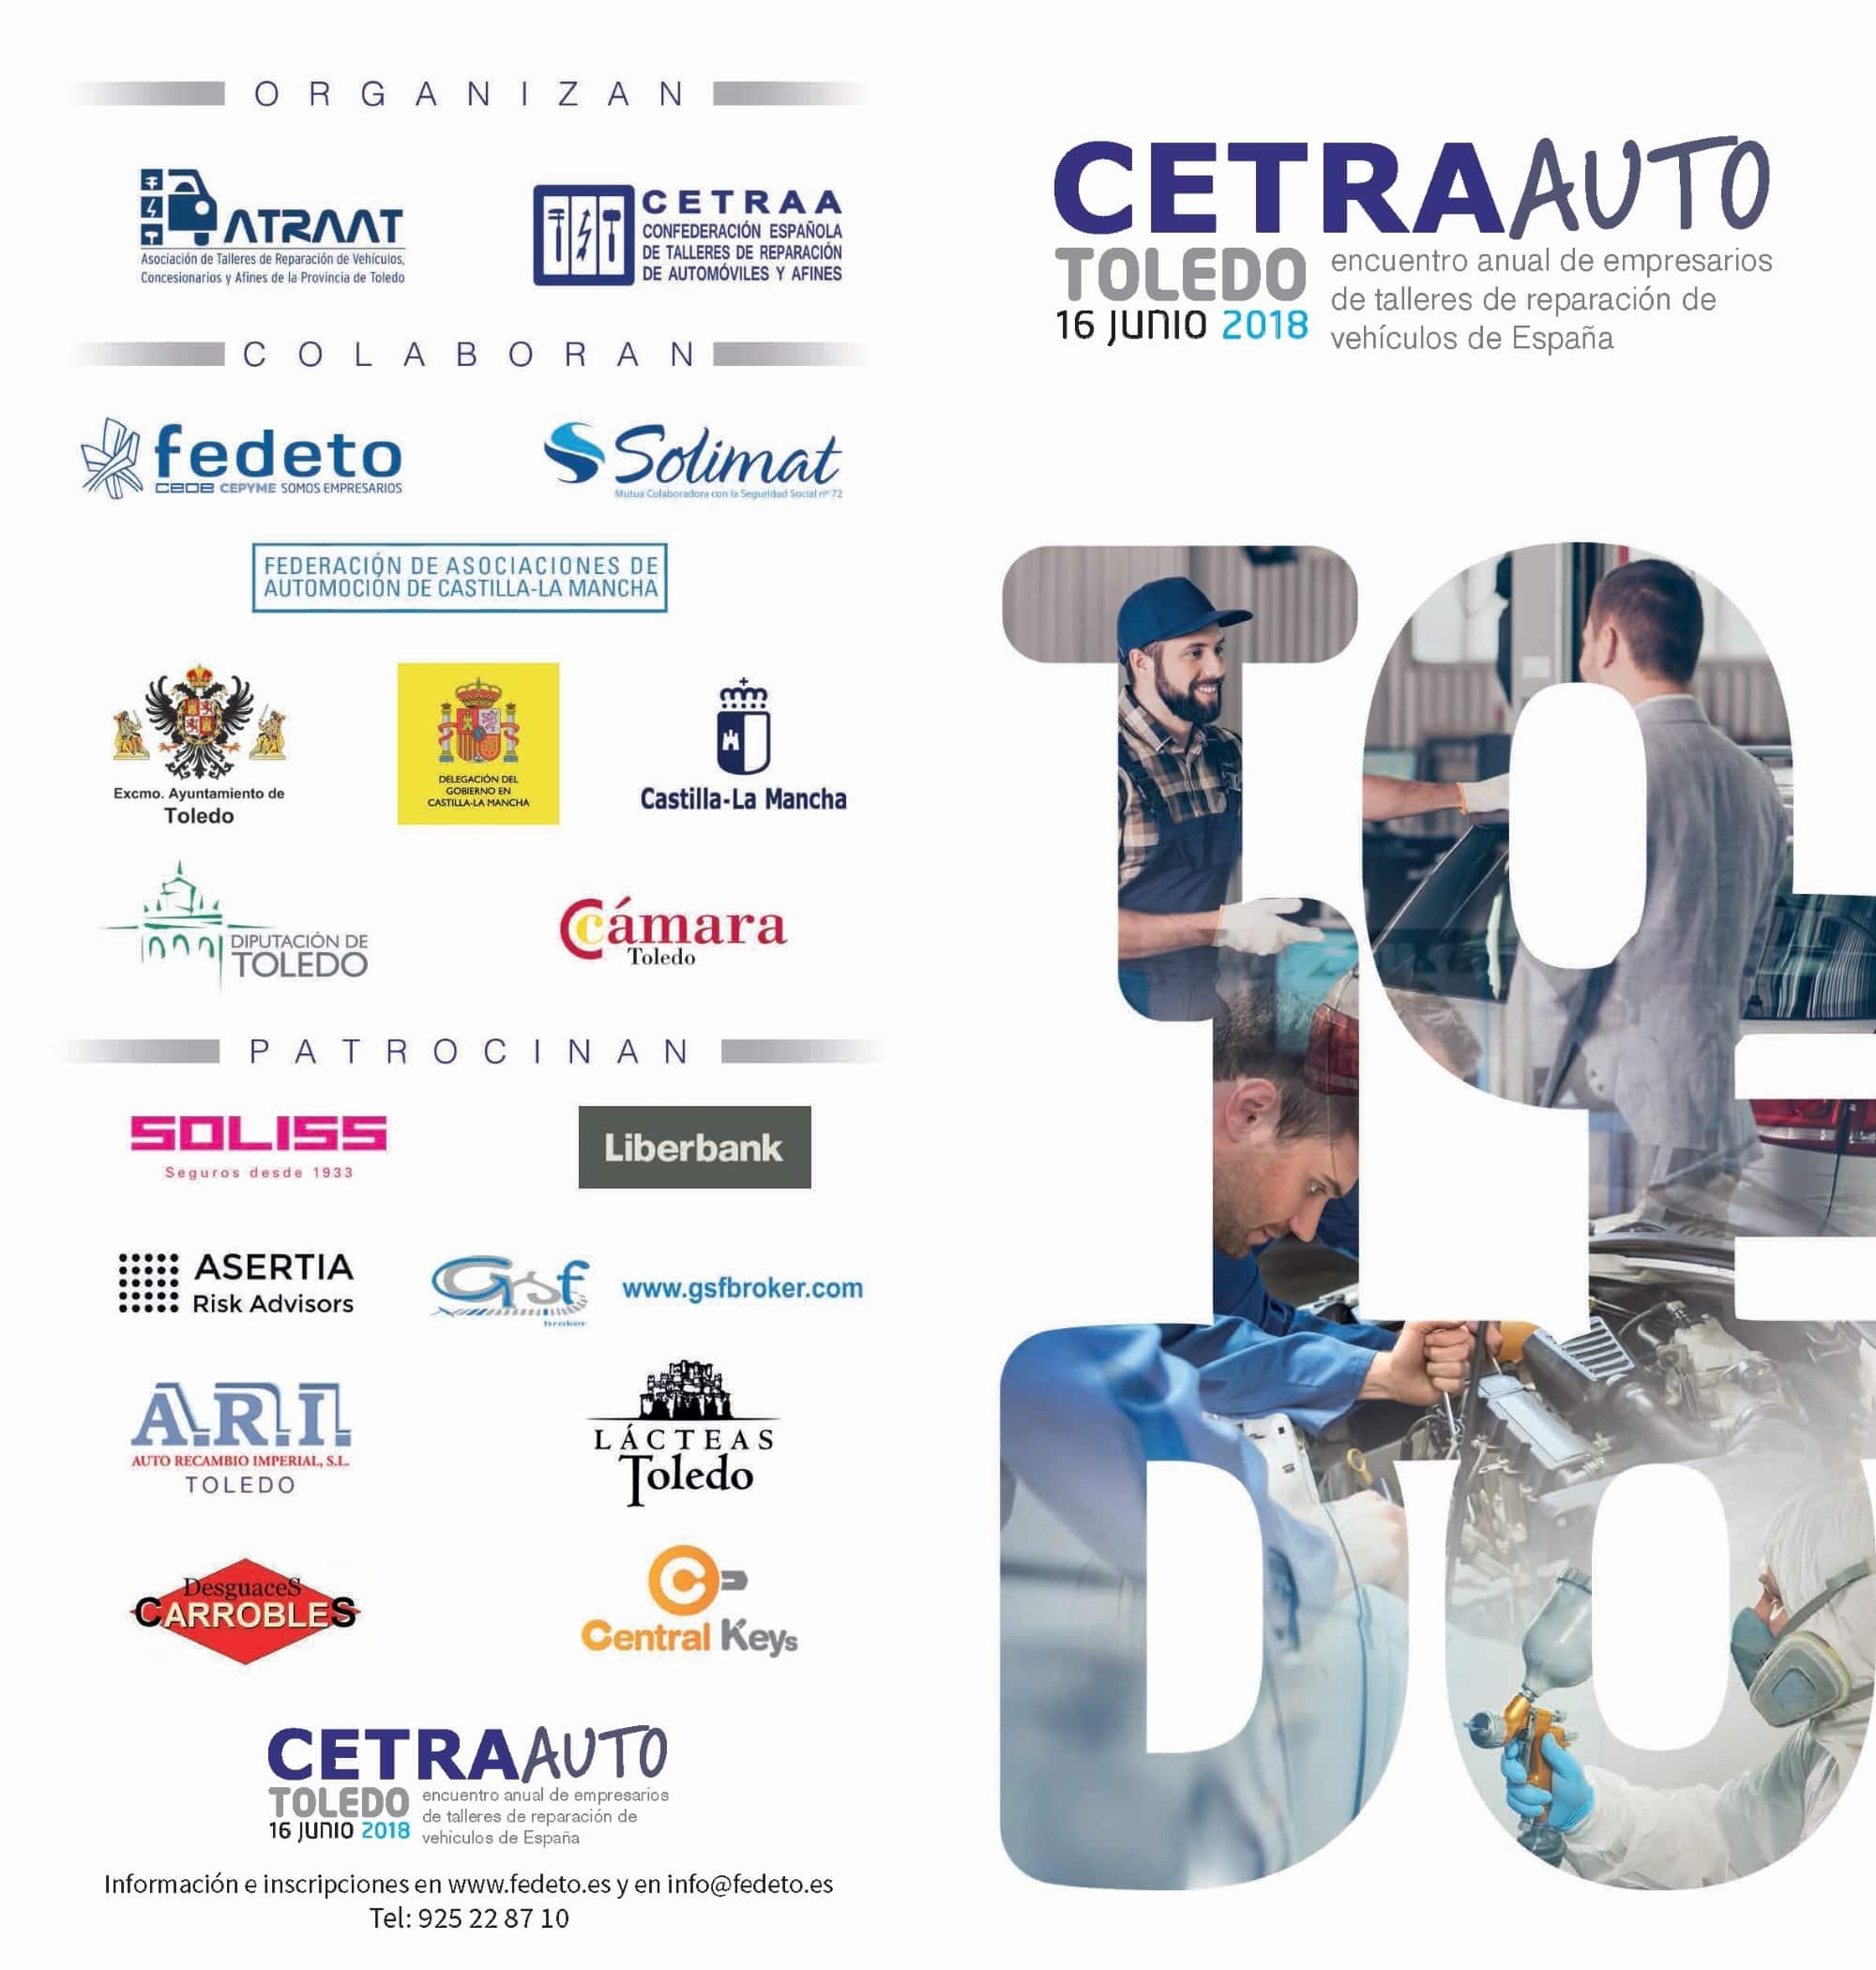 CETRAauto 2018